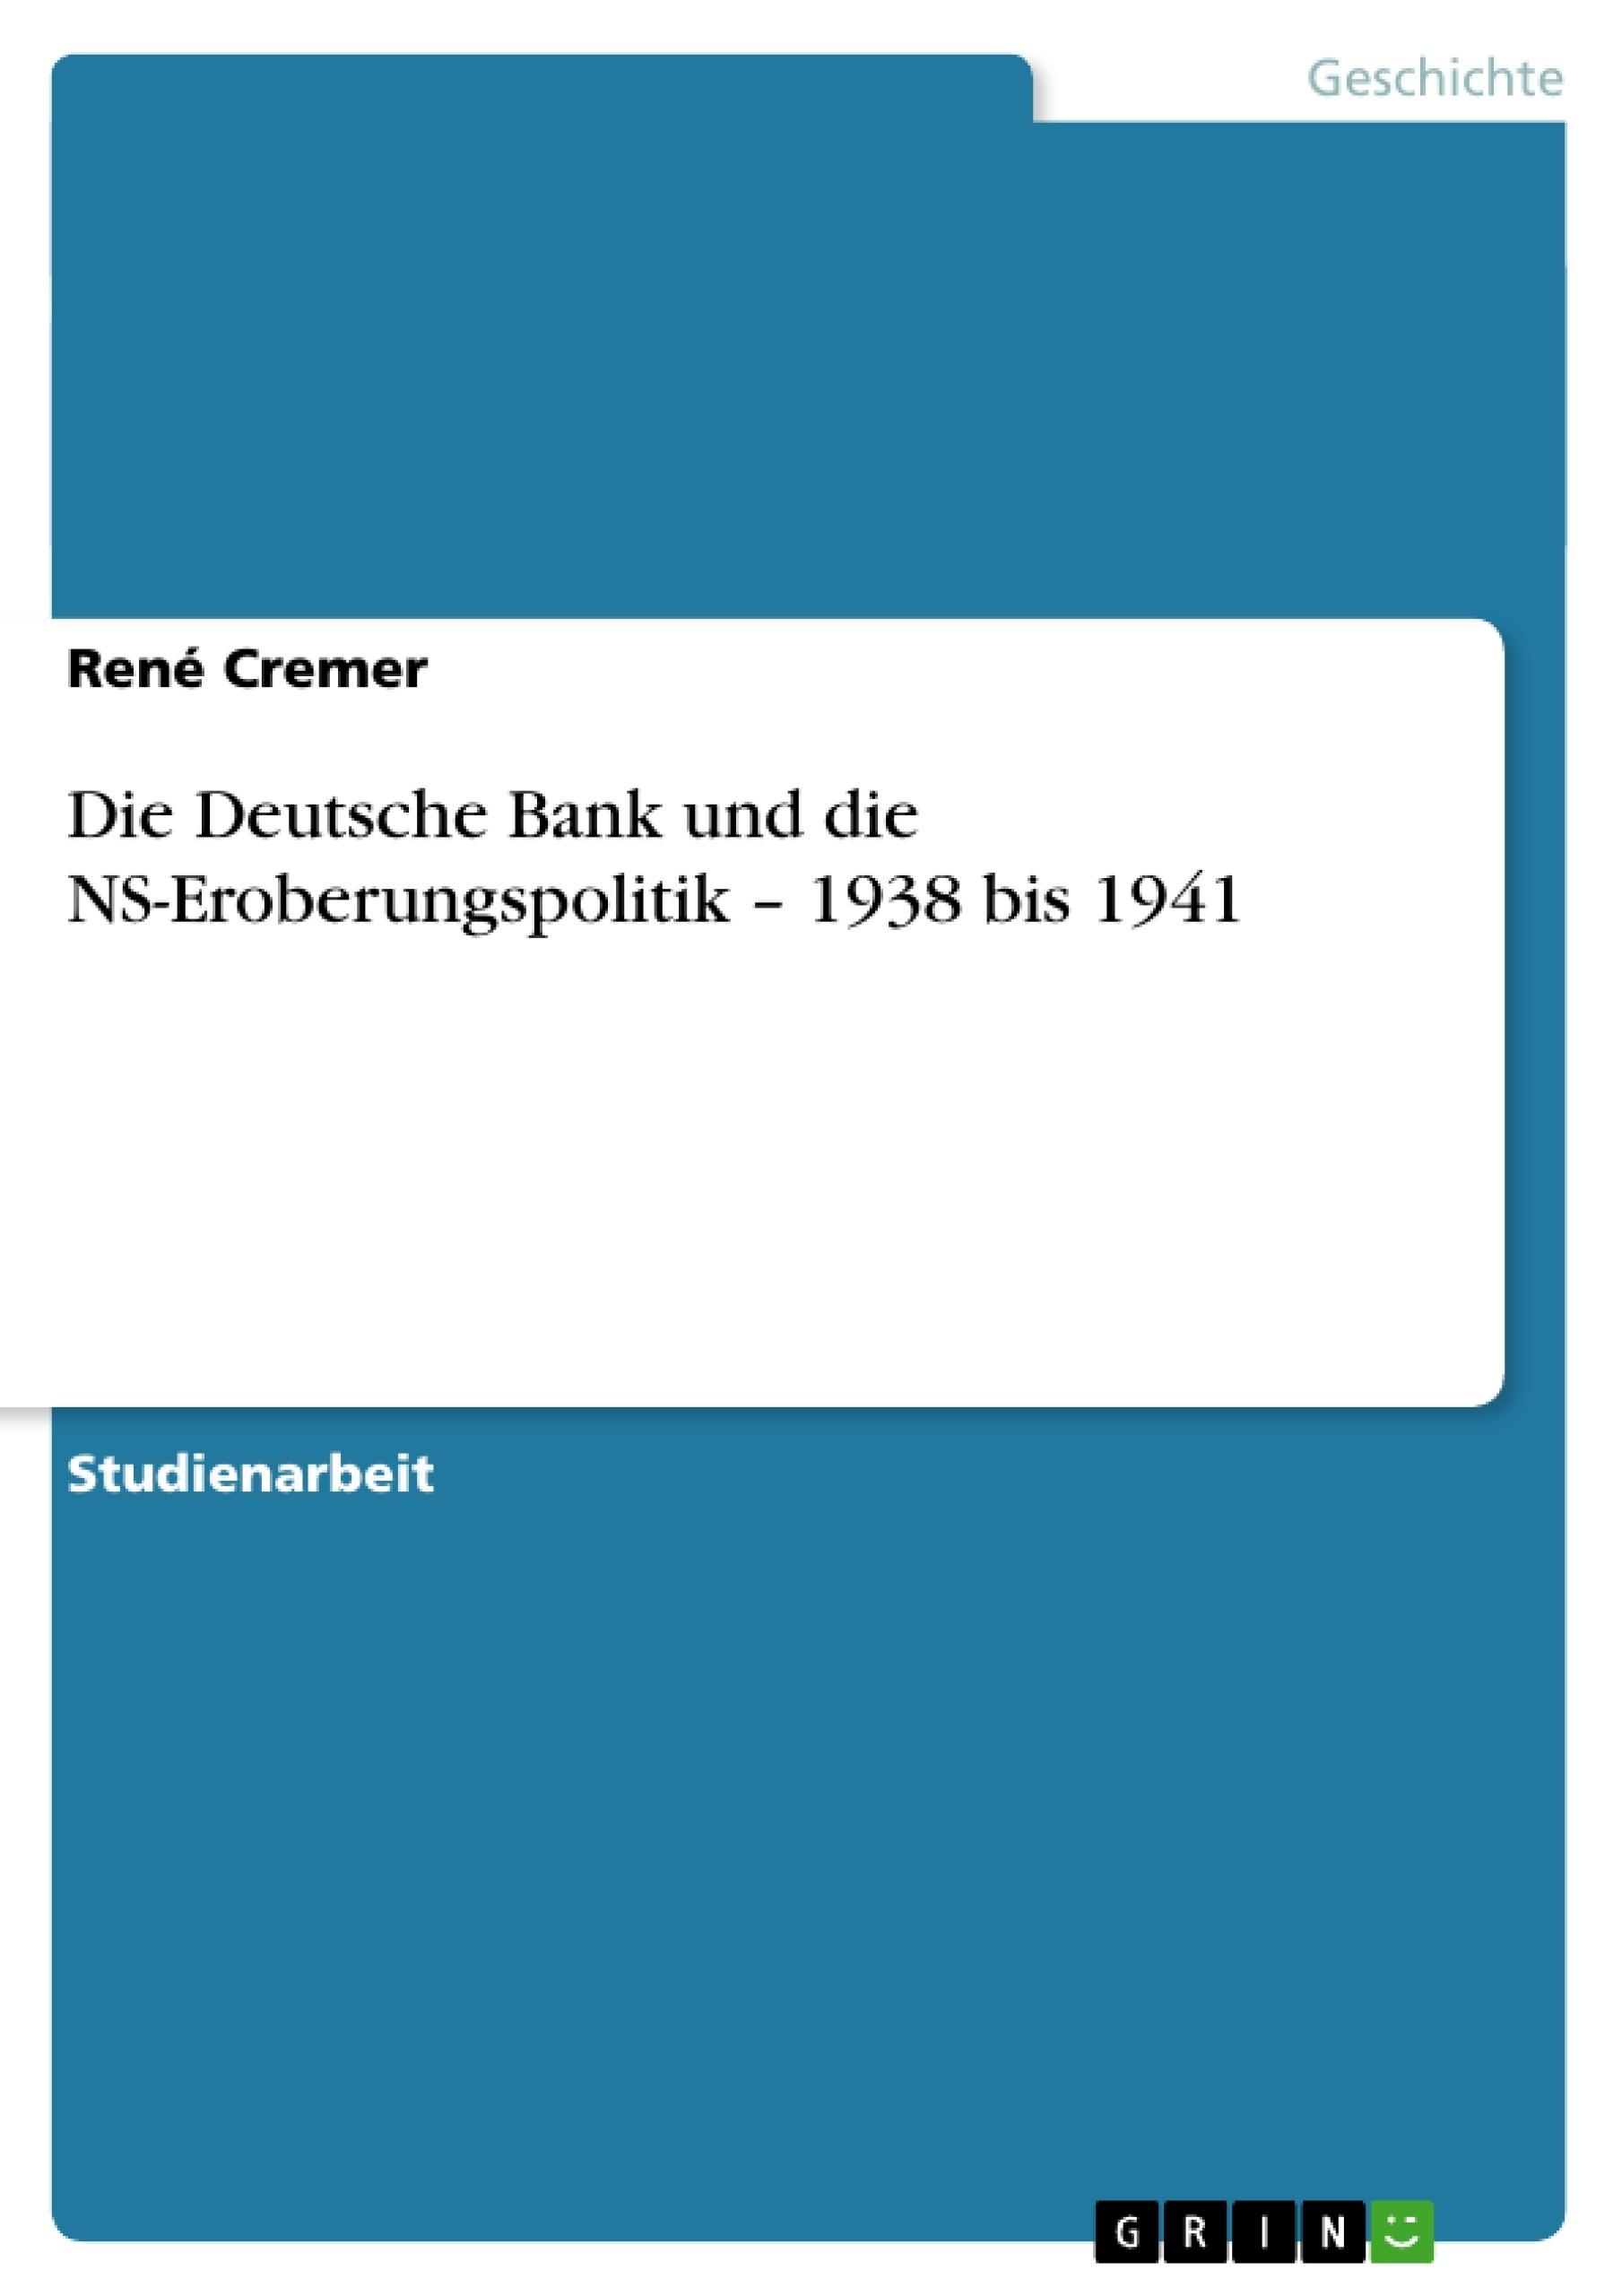 Titel: Die Deutsche Bank und die NS-Eroberungspolitik – 1938 bis 1941